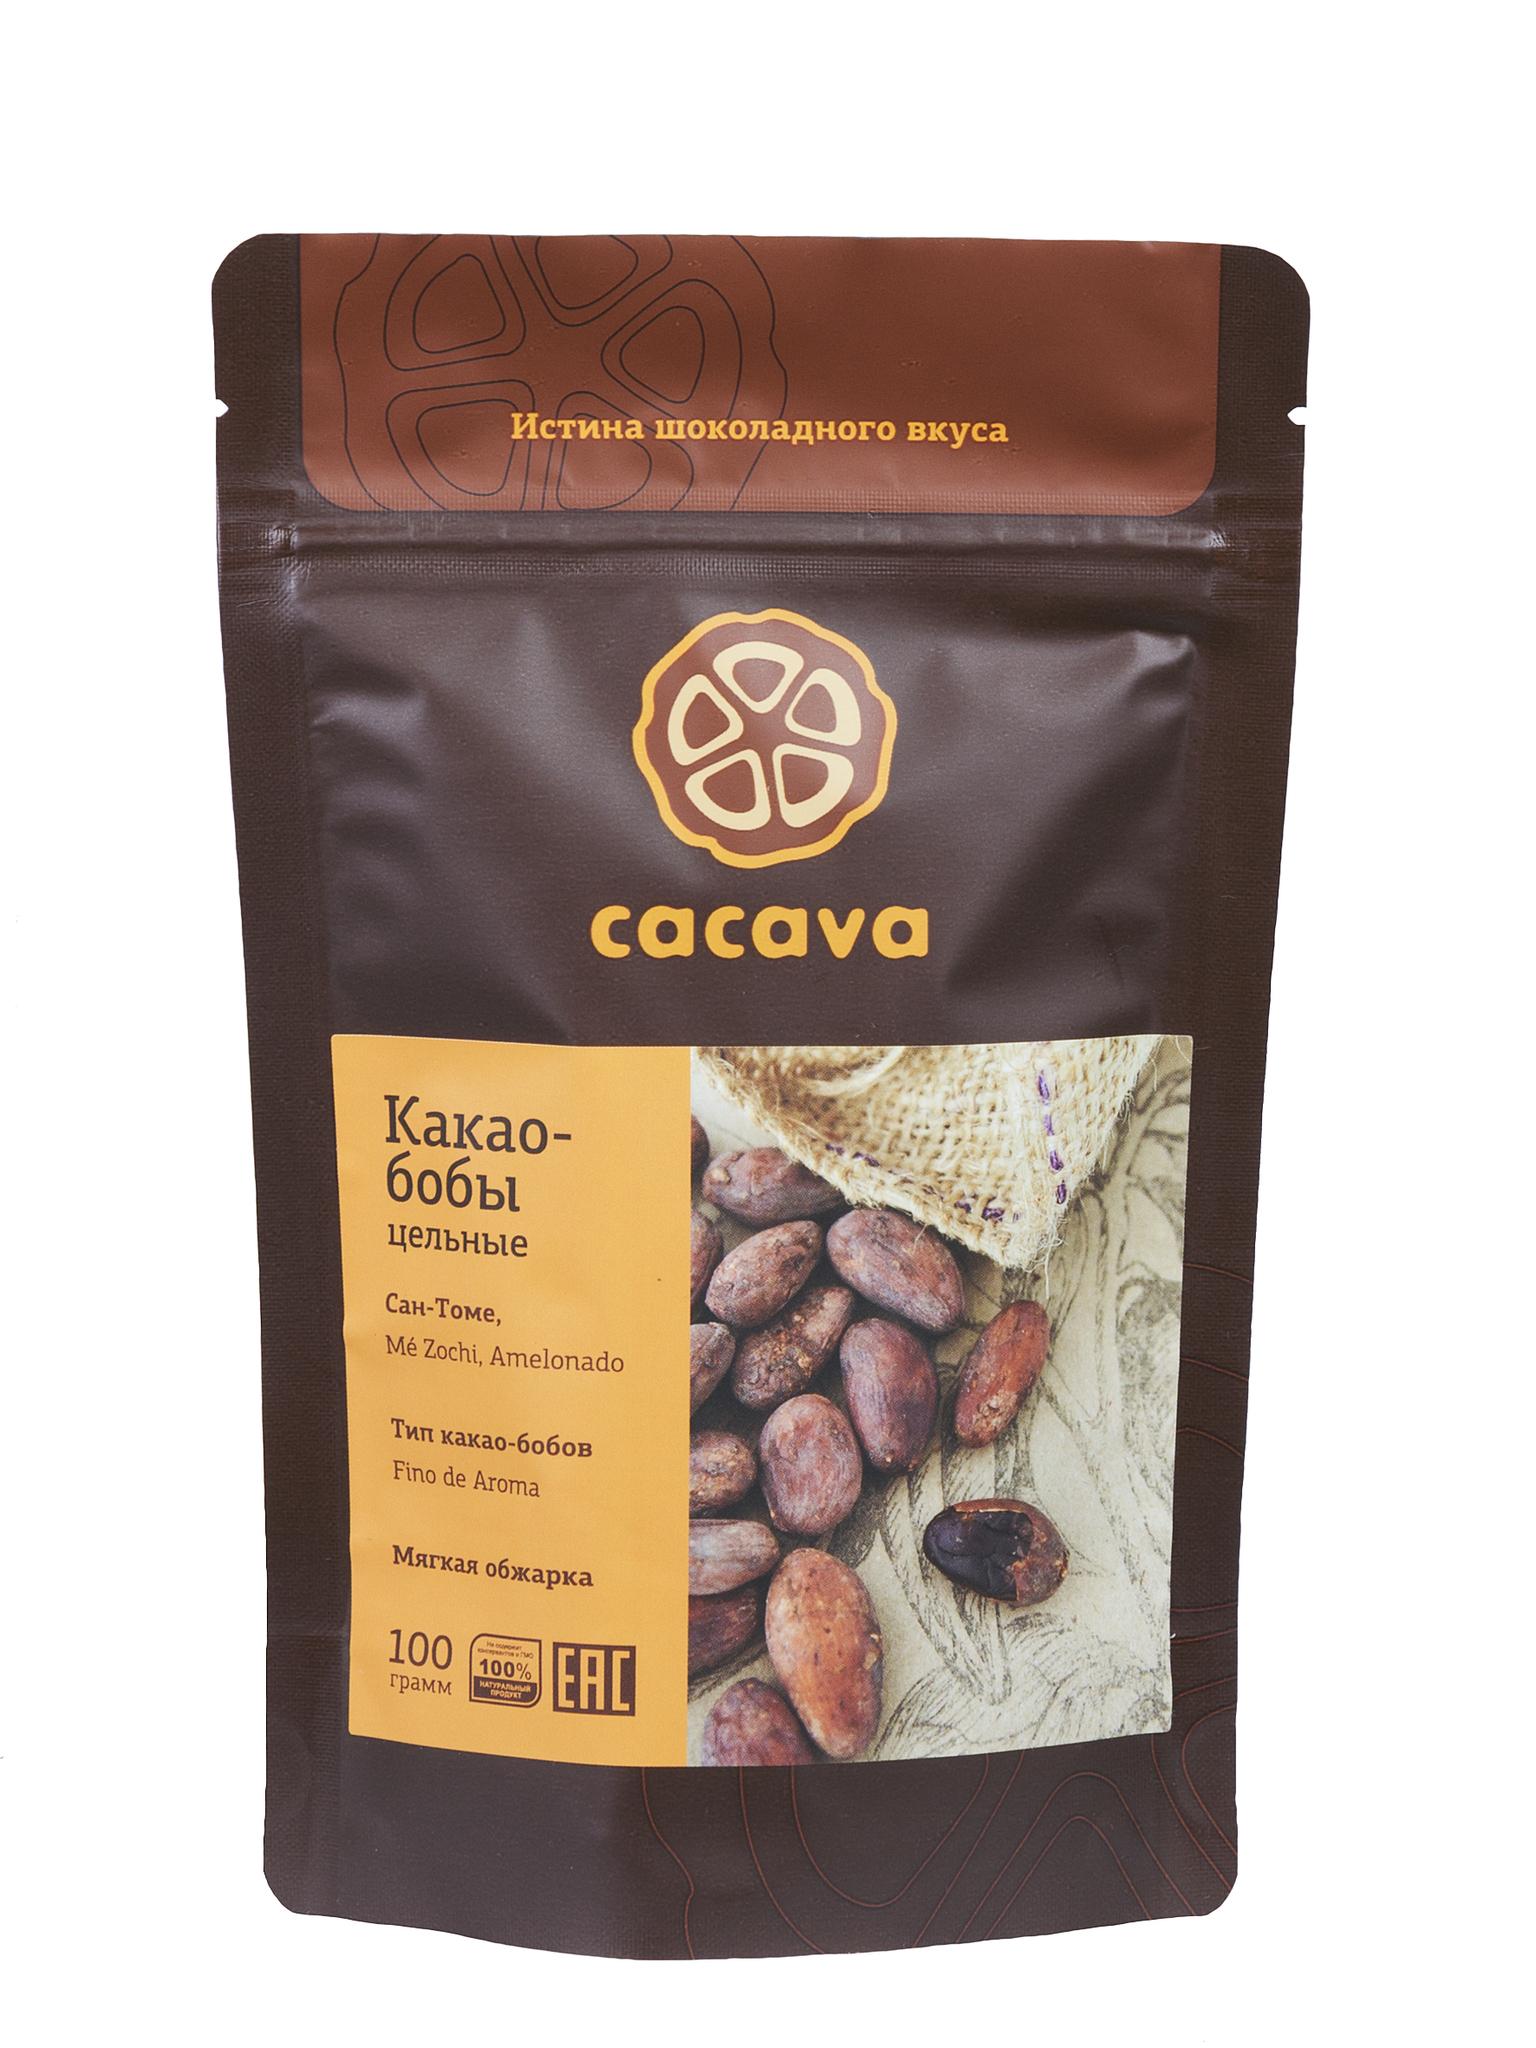 Какао-бобы цельные (Сан-Томе), упаковка 100 грамм